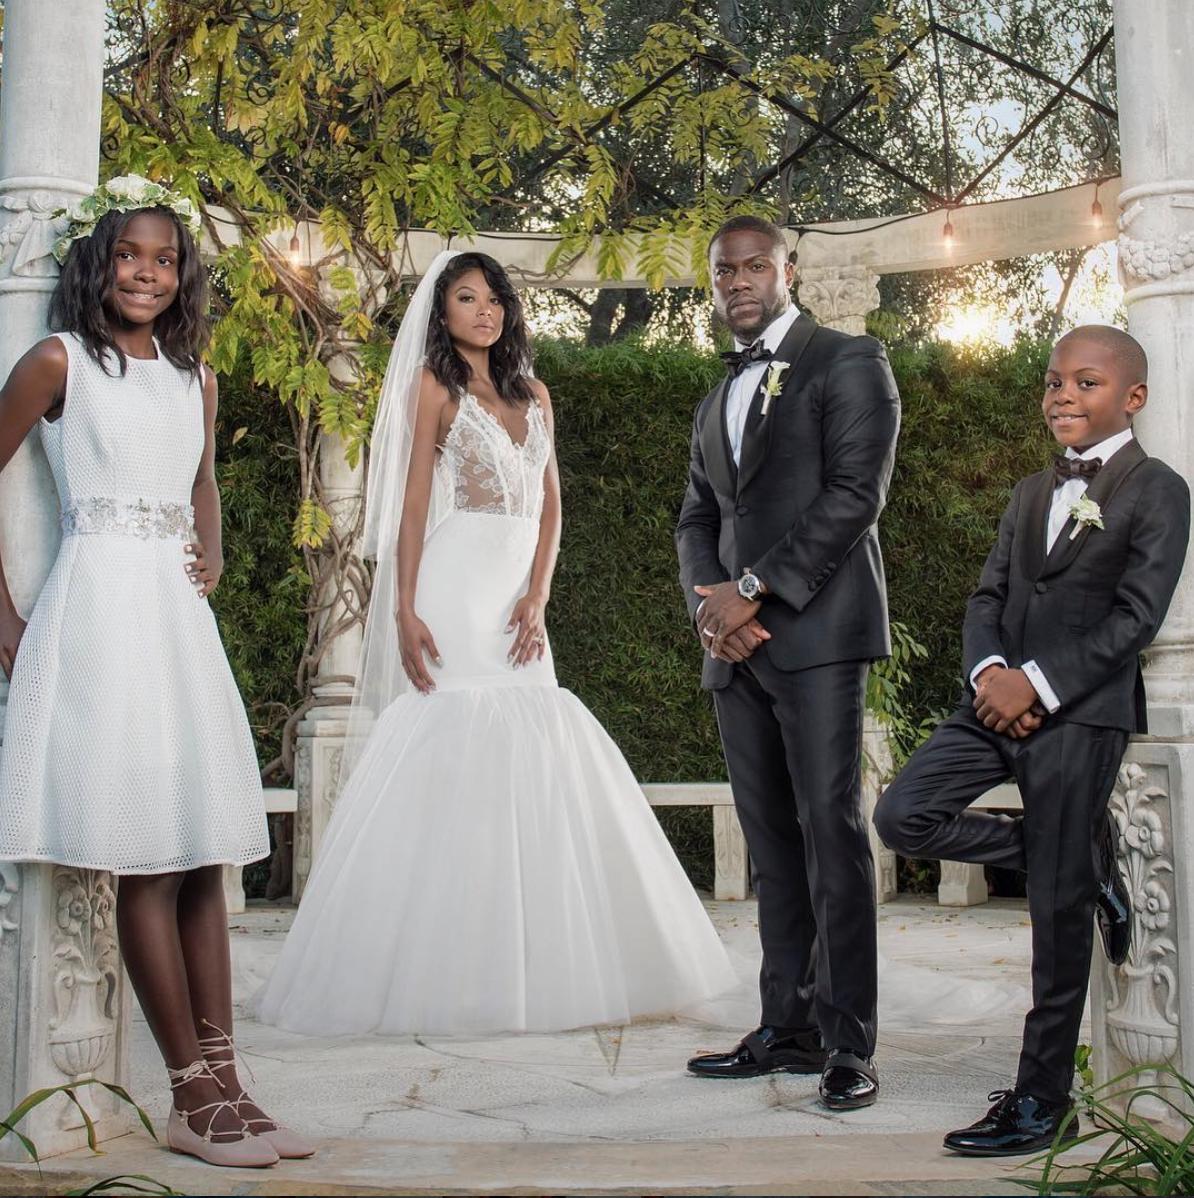 incroyable-mariage-kevin-hart-images-jewanda-2